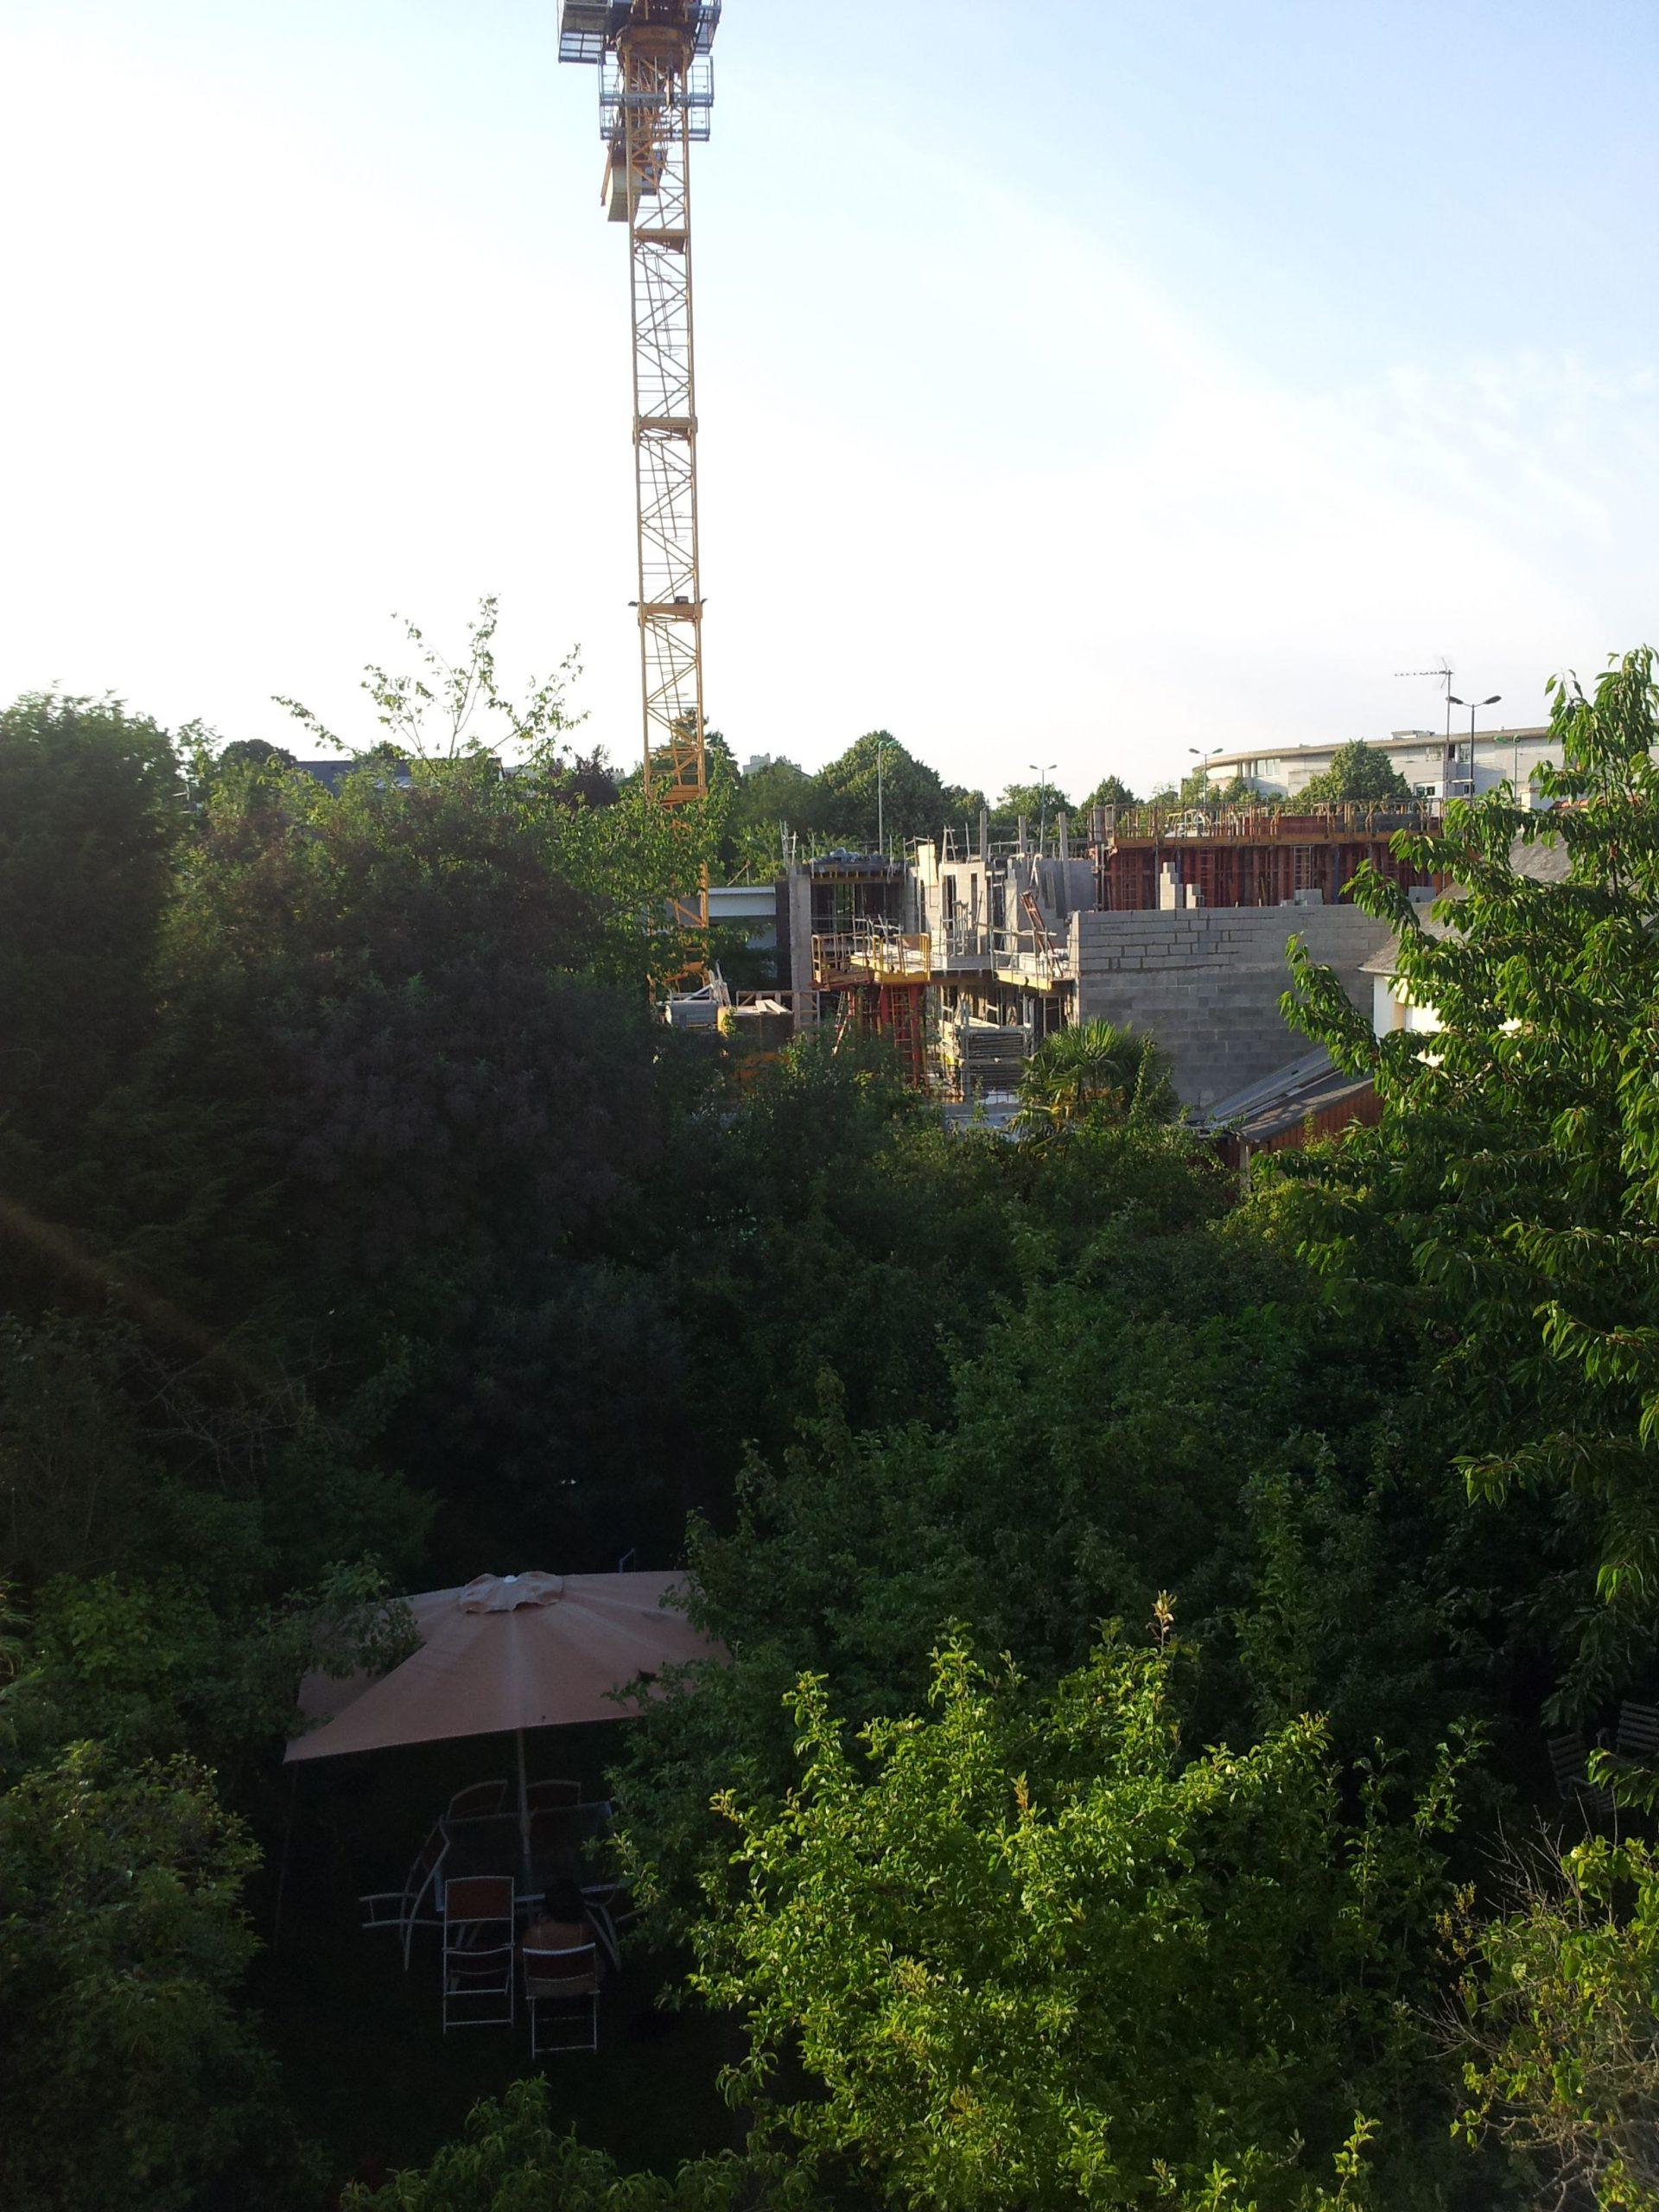 Cacher Vis À Vis Immeuble - Au Jardin, Forum De Jardinage avec Cacher Vis A Vis Jardin